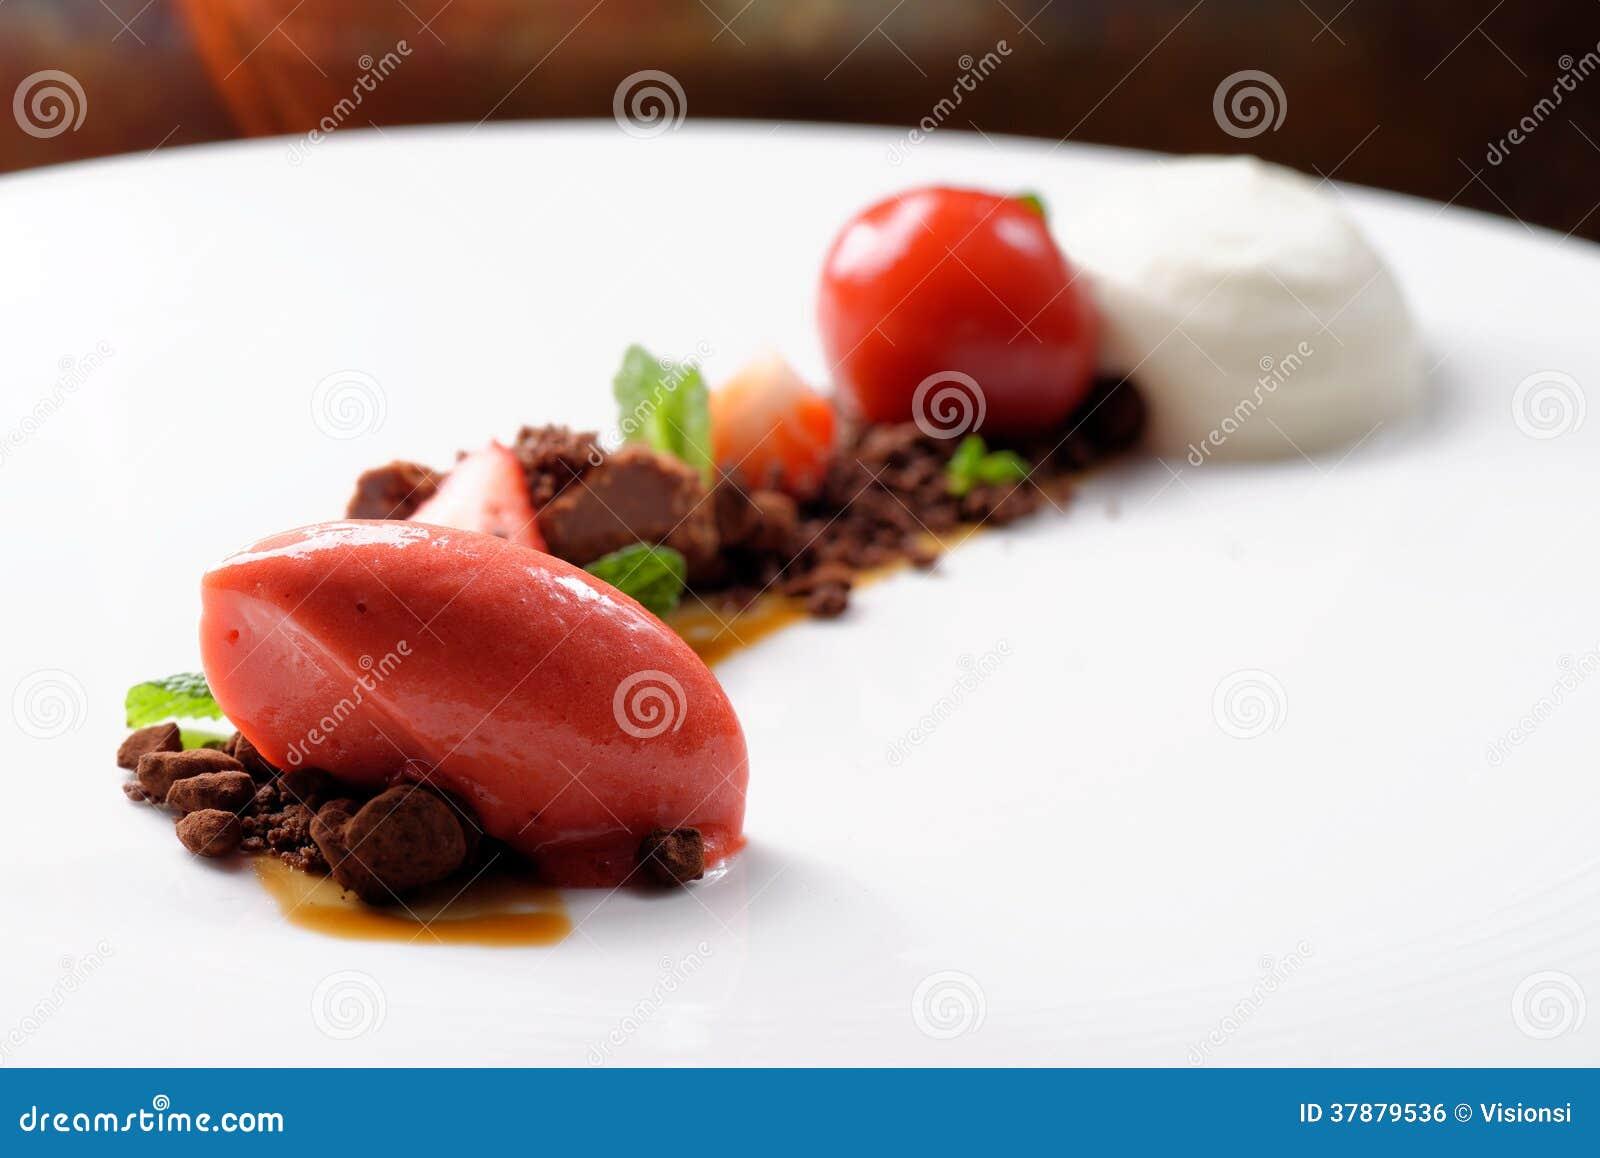 Feiner speisender Nachtisch, Erdbeereis, Schokoladencreme